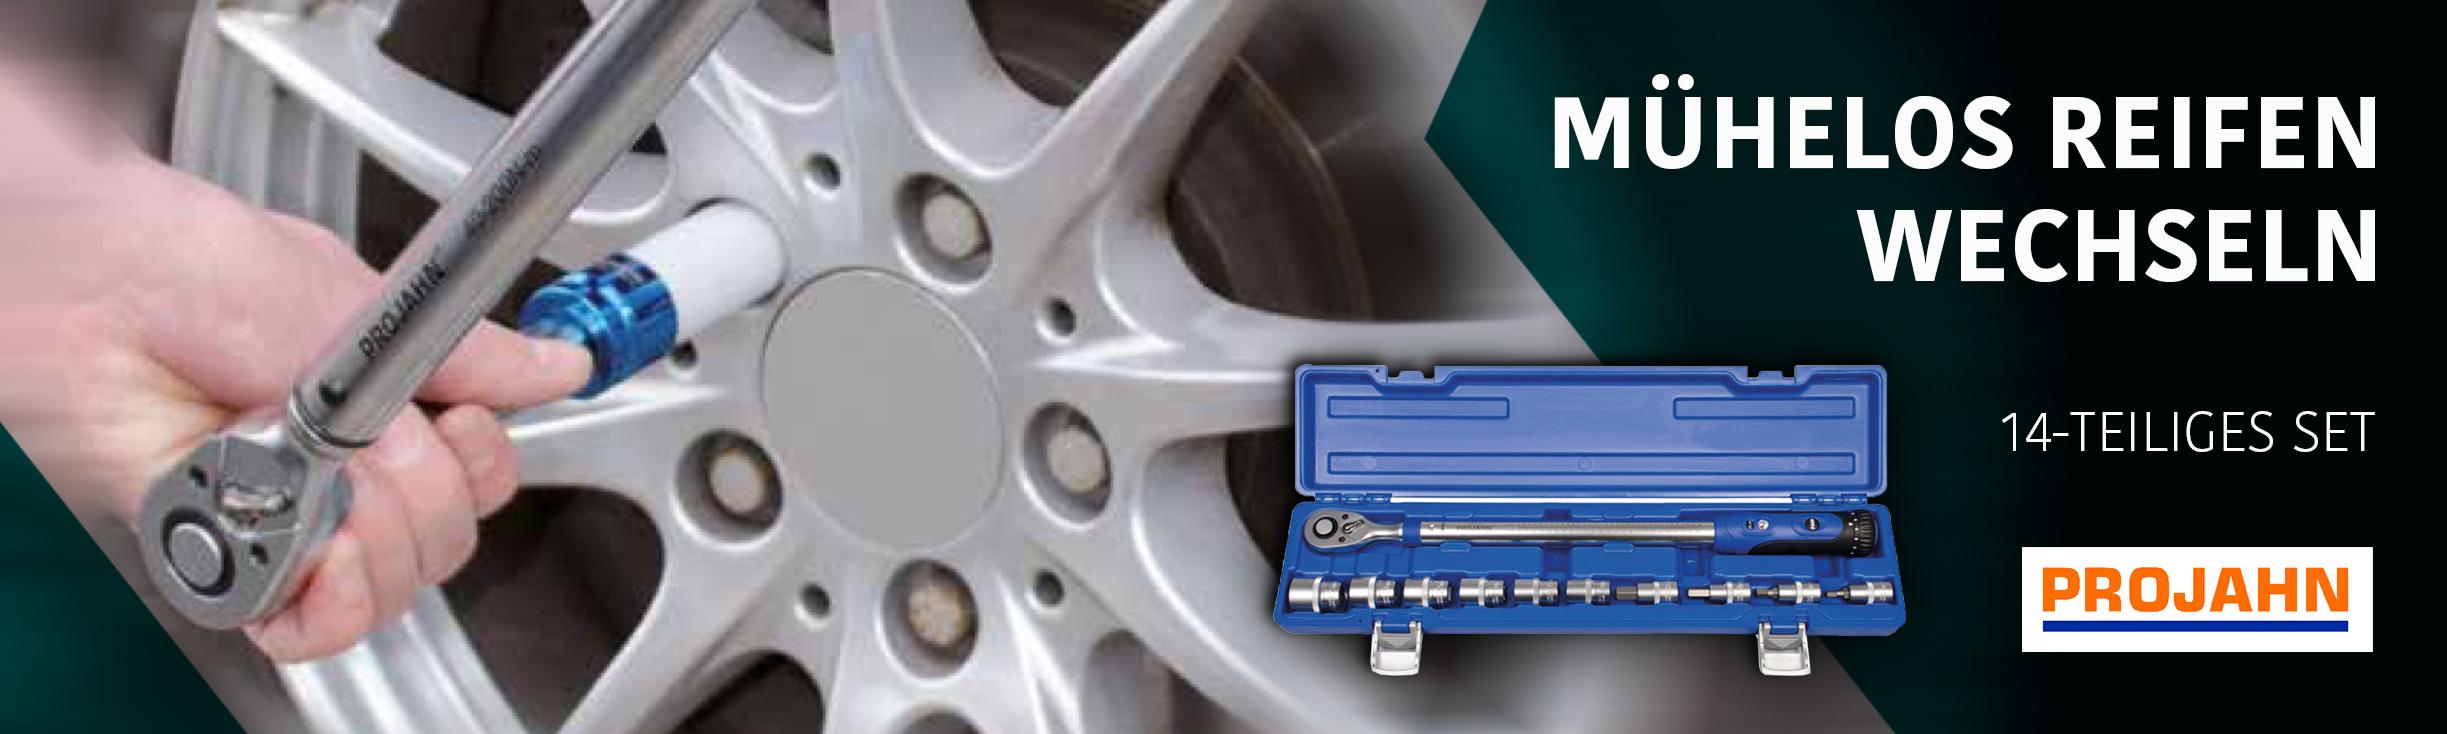 Projahn Reifenwechsel Werkzeugset